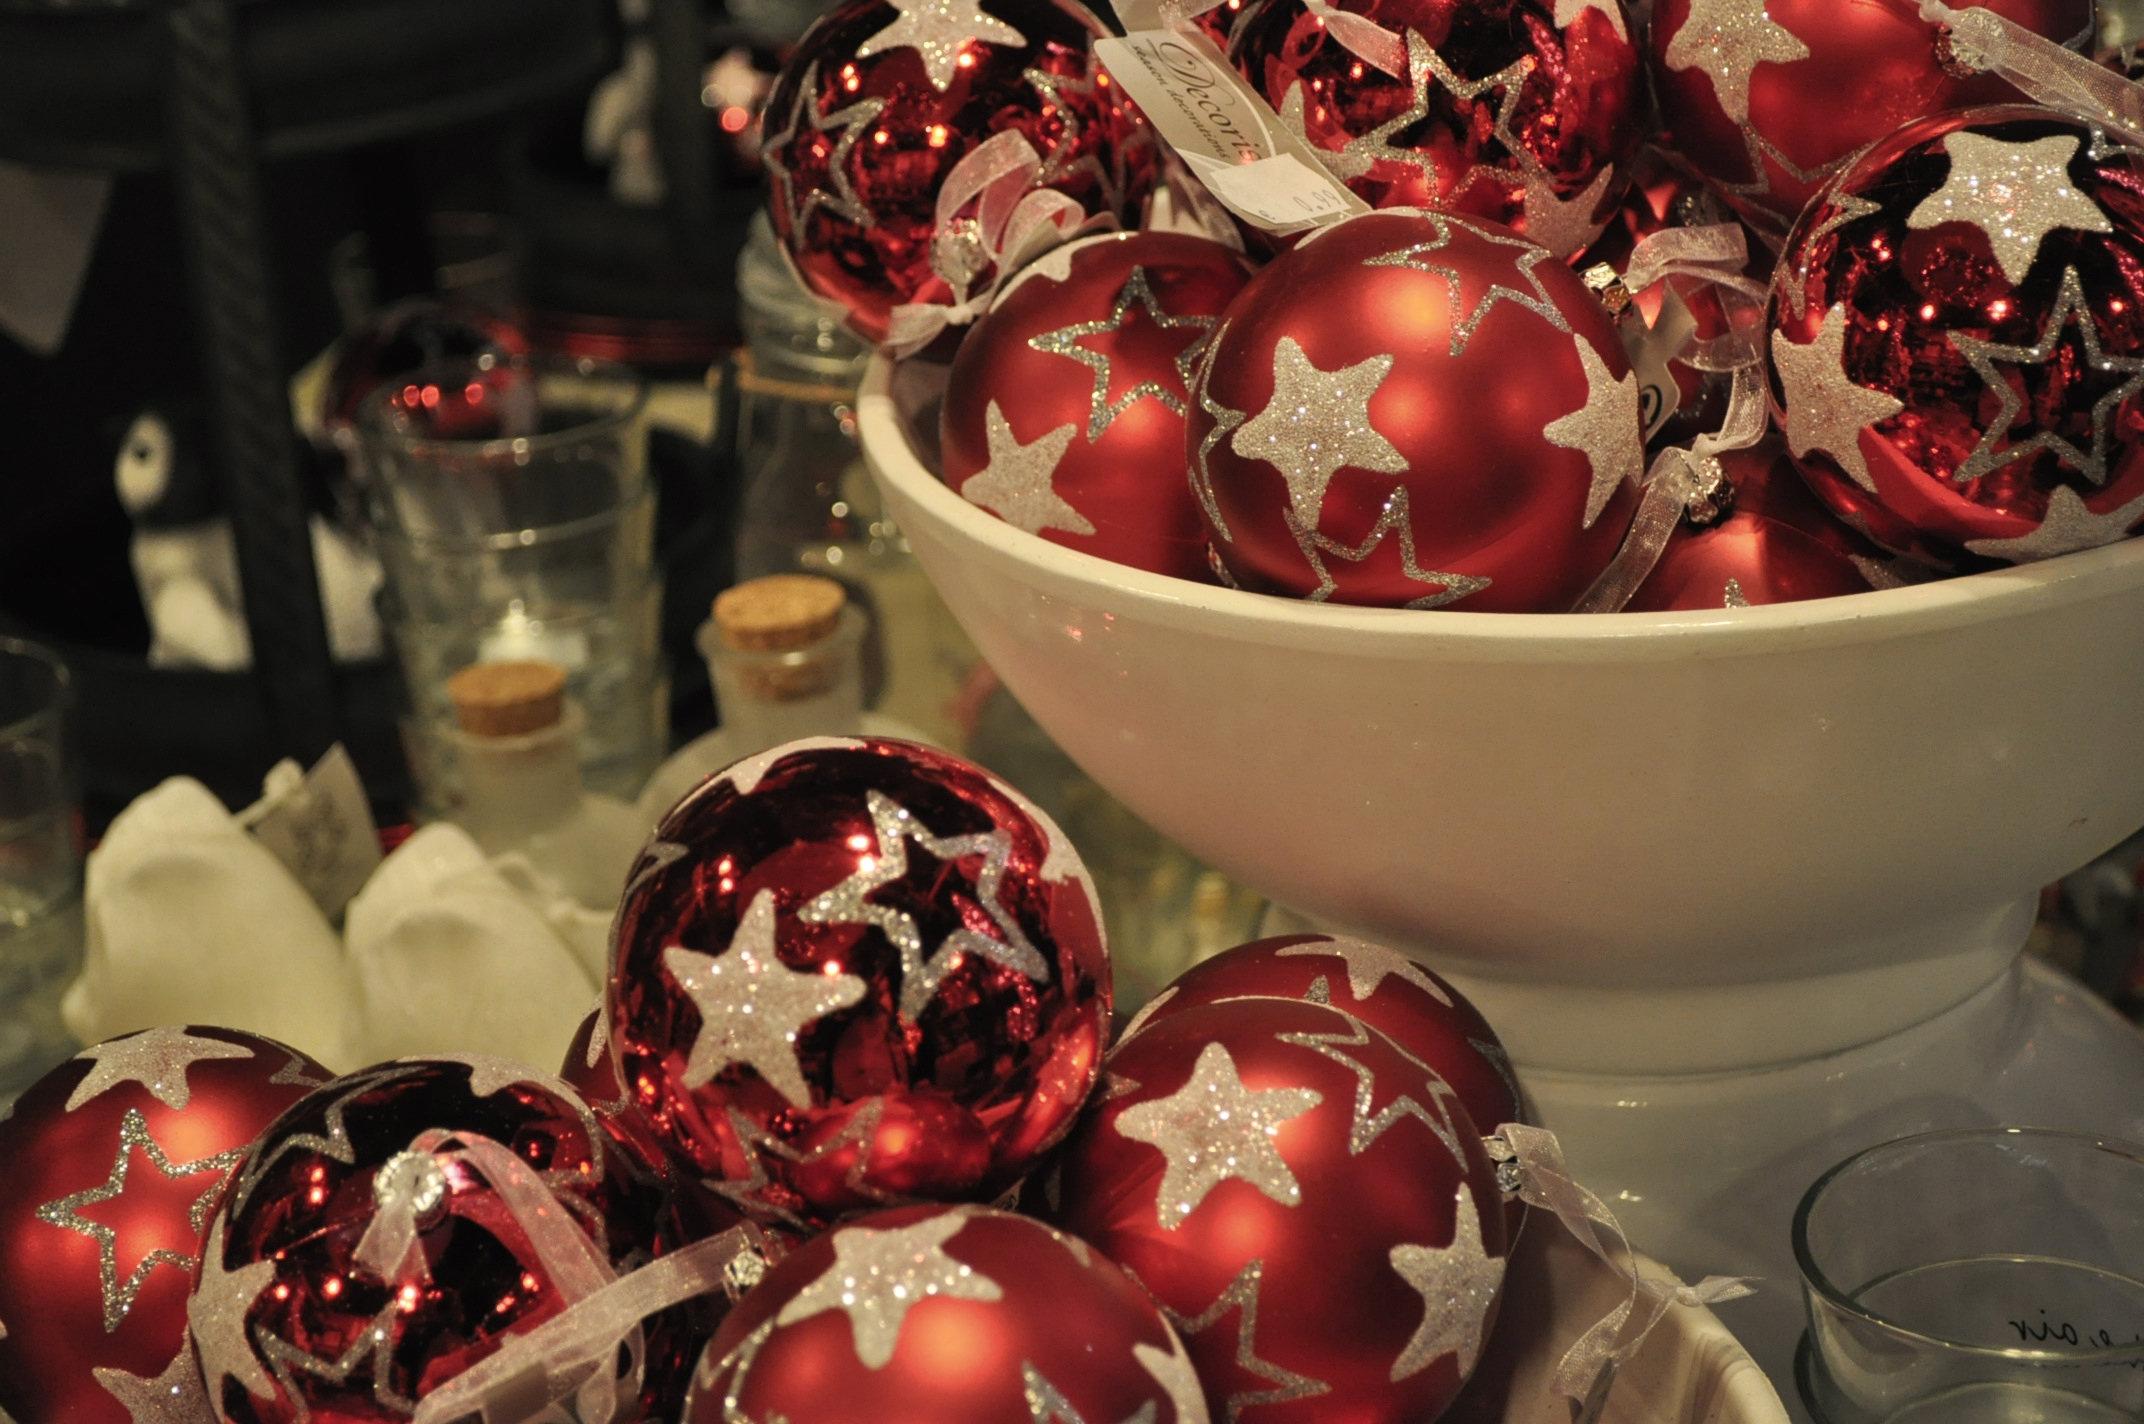 Kerstshow coppelmans nuenen 2014: kamers vol kerstpracht